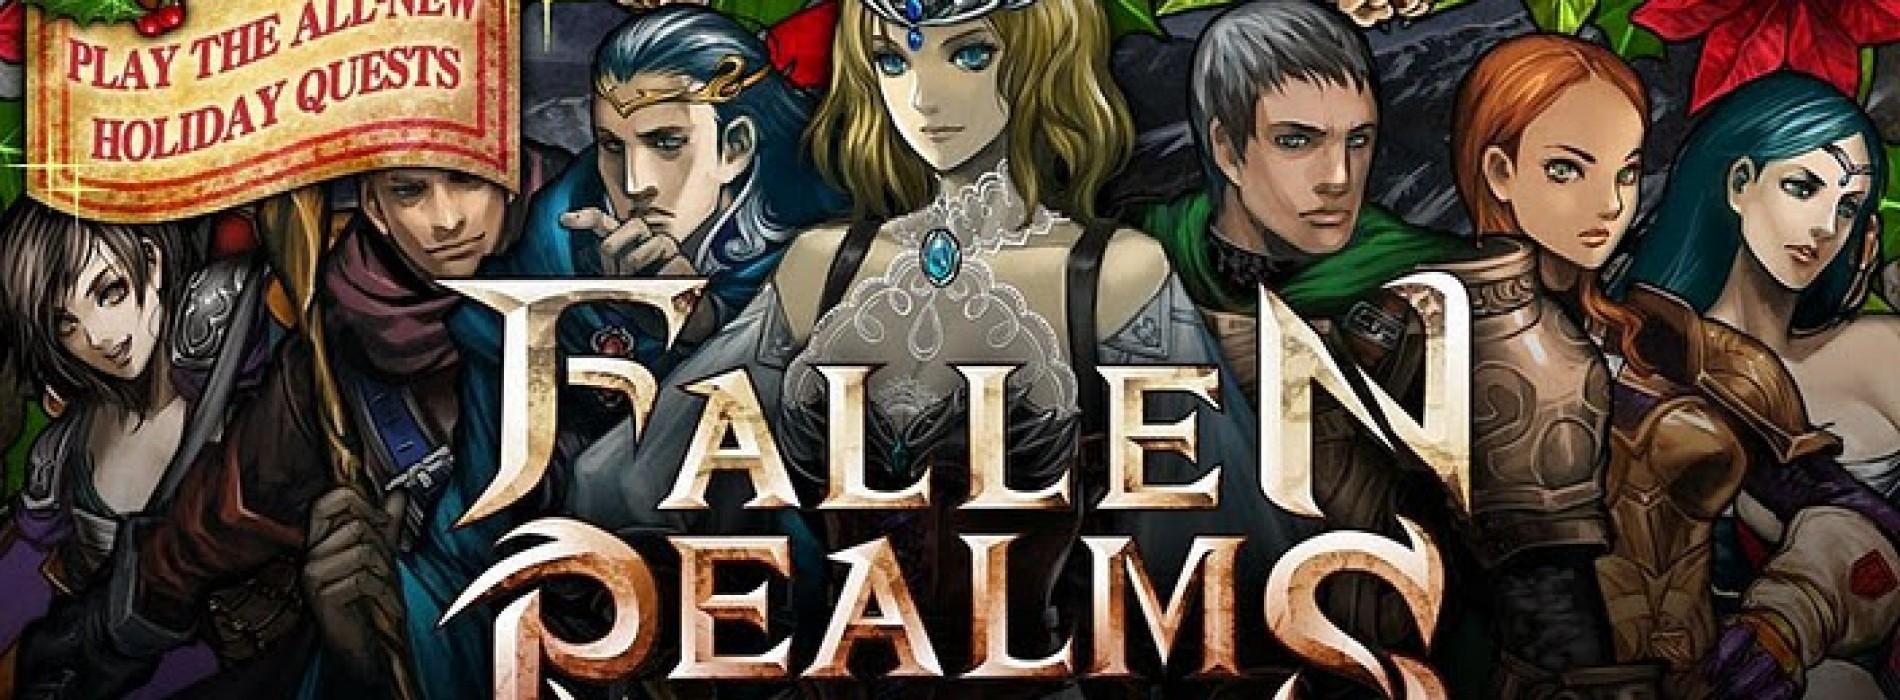 Christmas-themed update arrives for Sega's Fallen Realms